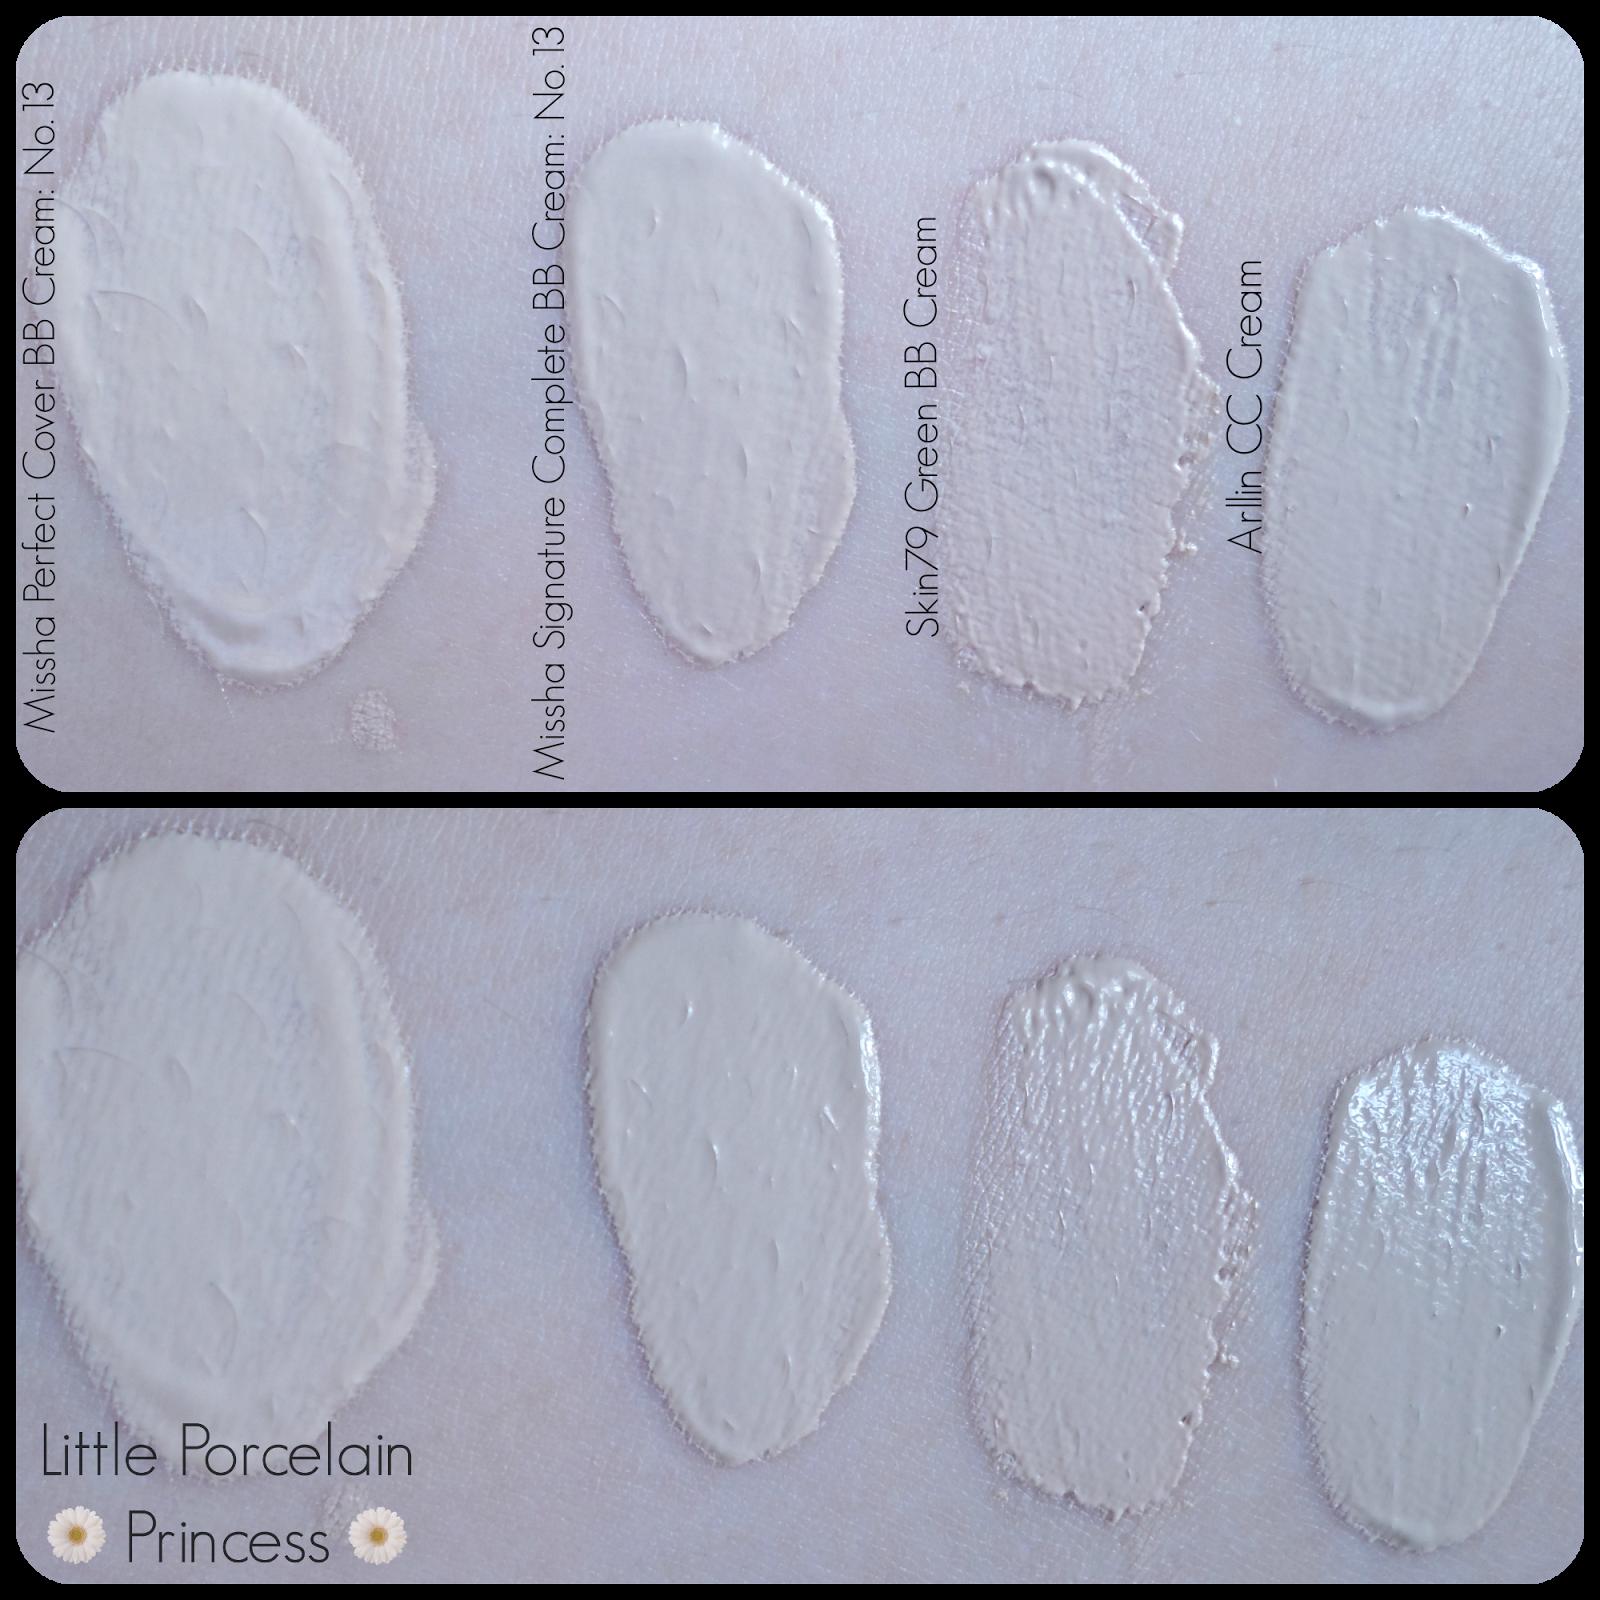 BB Cream Swatches Bb cream, Bb cream best, Pale skin make